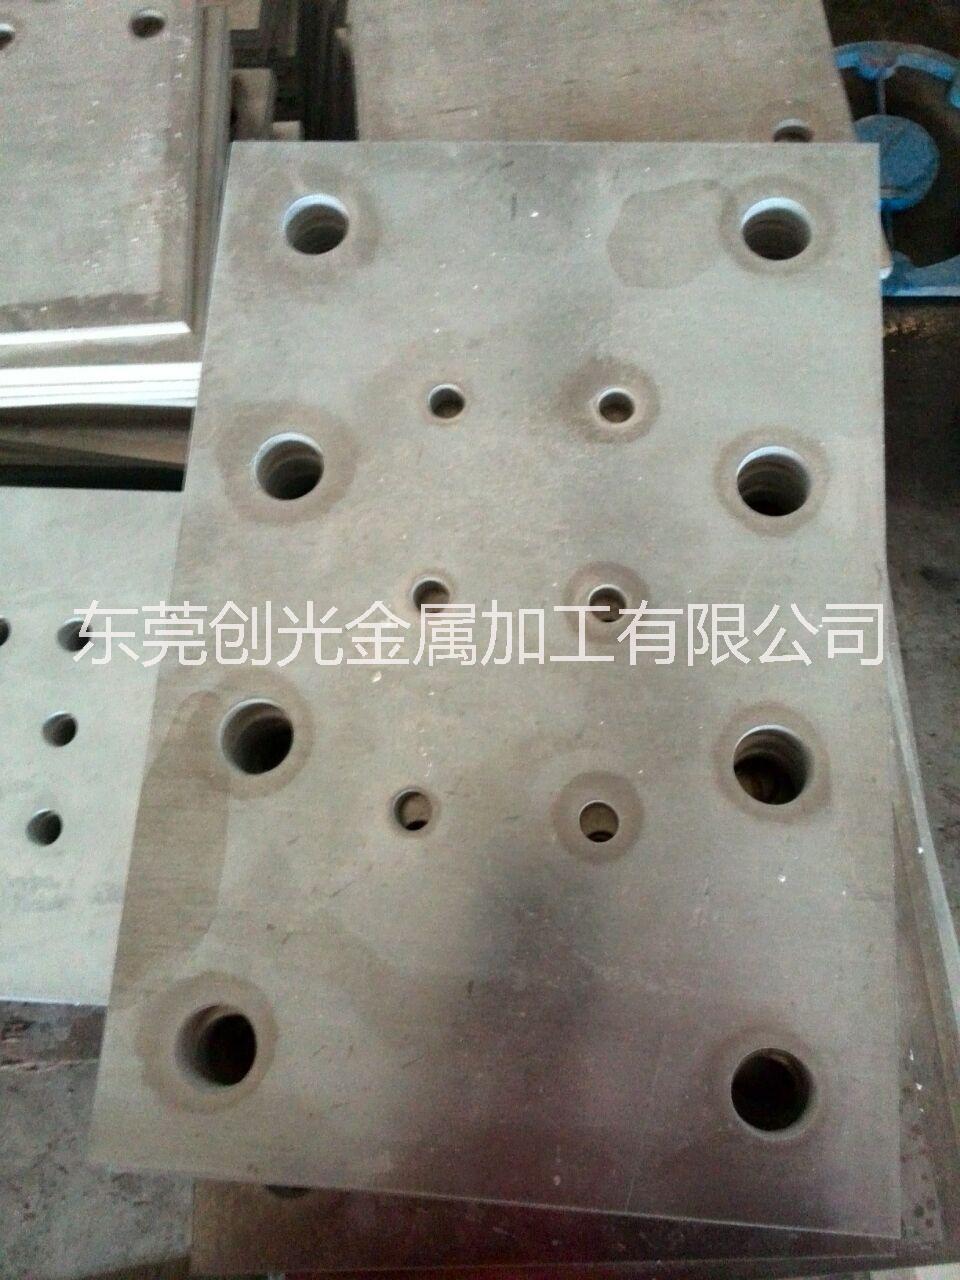 深圳铝板切割加工-铝板便宜、快捷切割加工